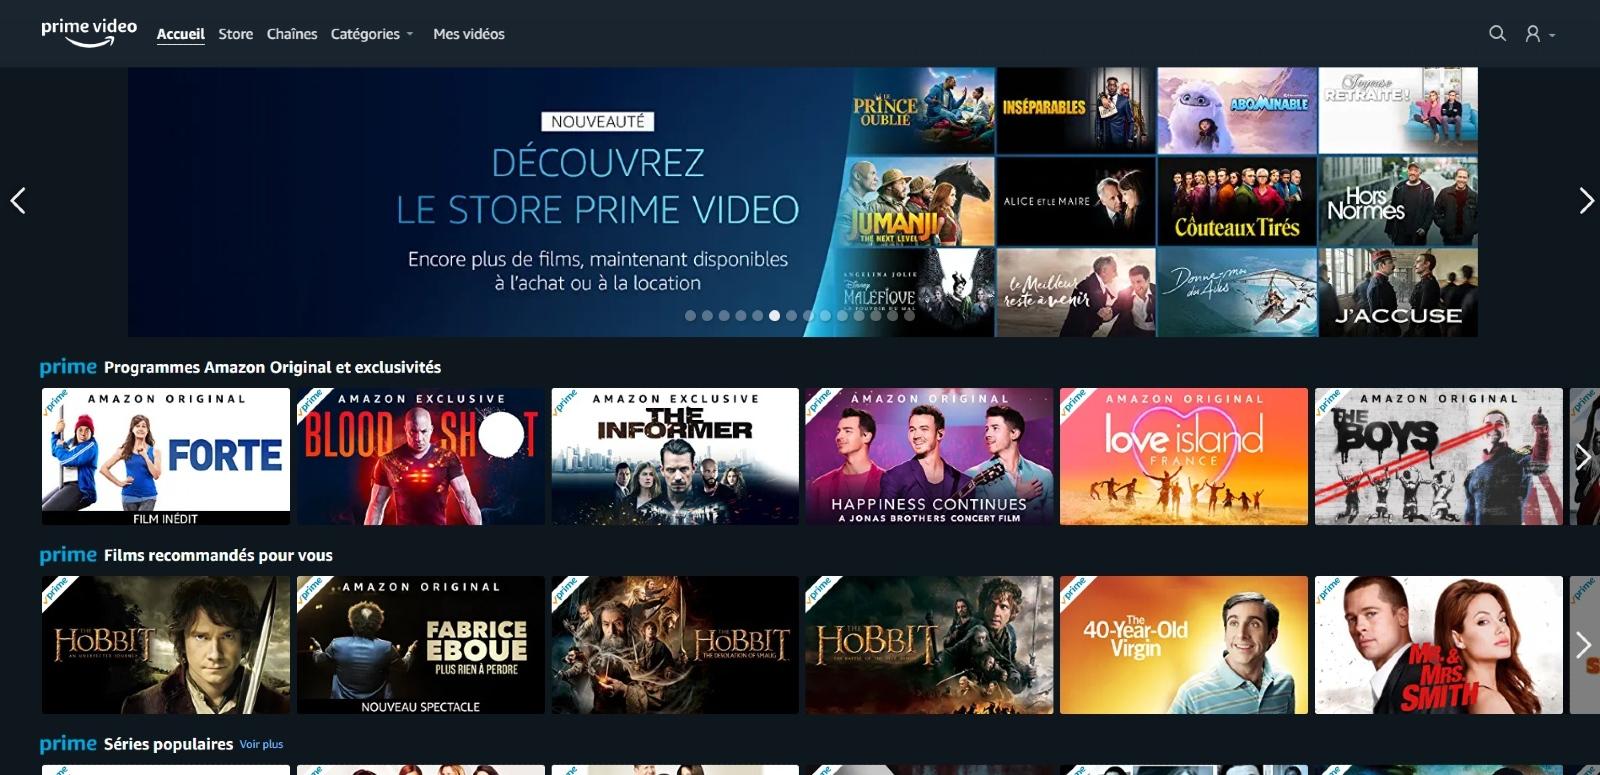 Amazon Prime Video étend son offre en France avec le lancement d'un service de VoD